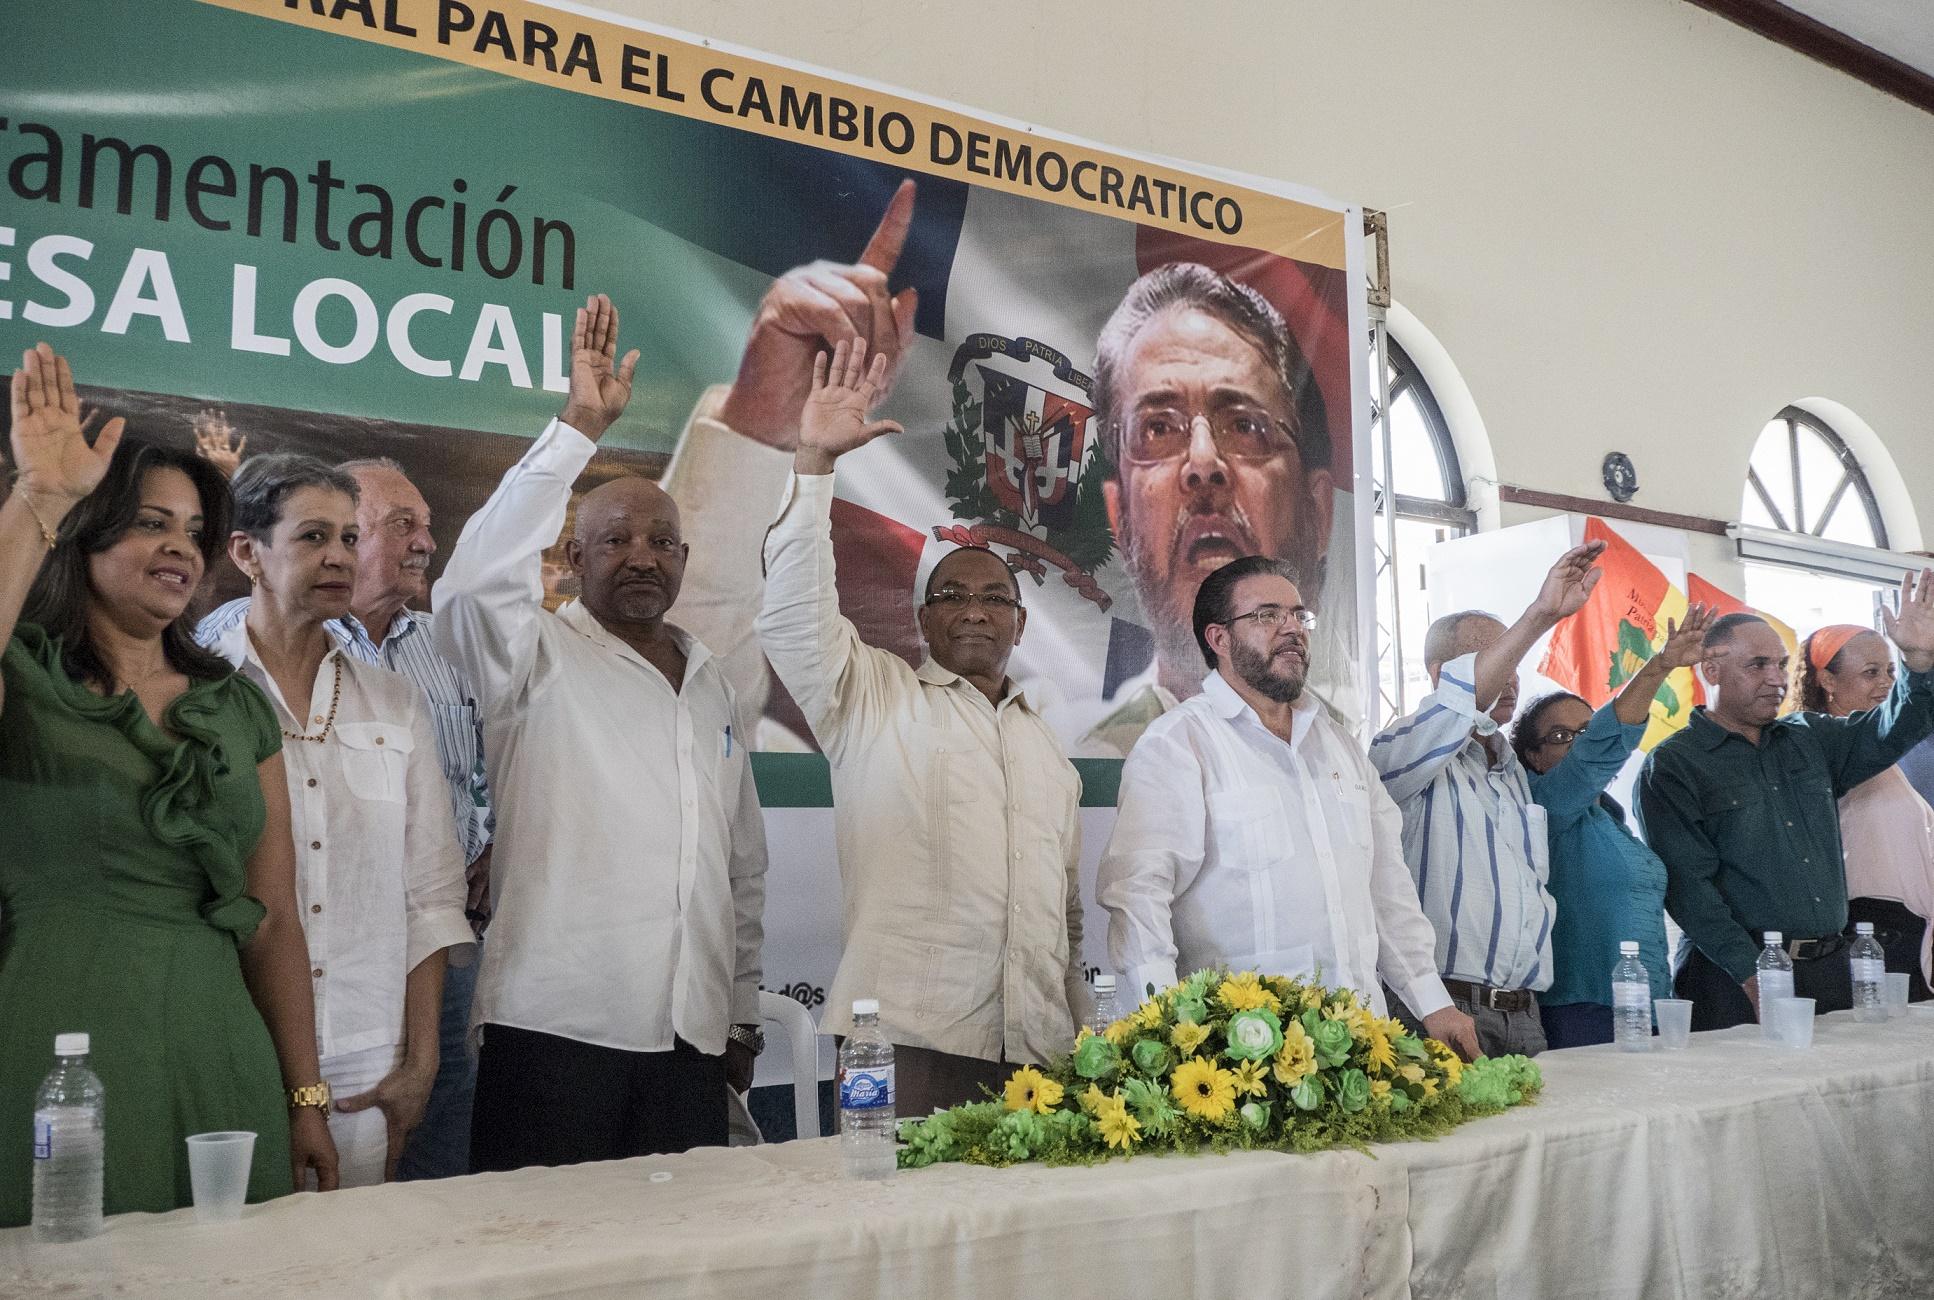 Moreno dice el país no tiene presidente, sino un candidato en campaña